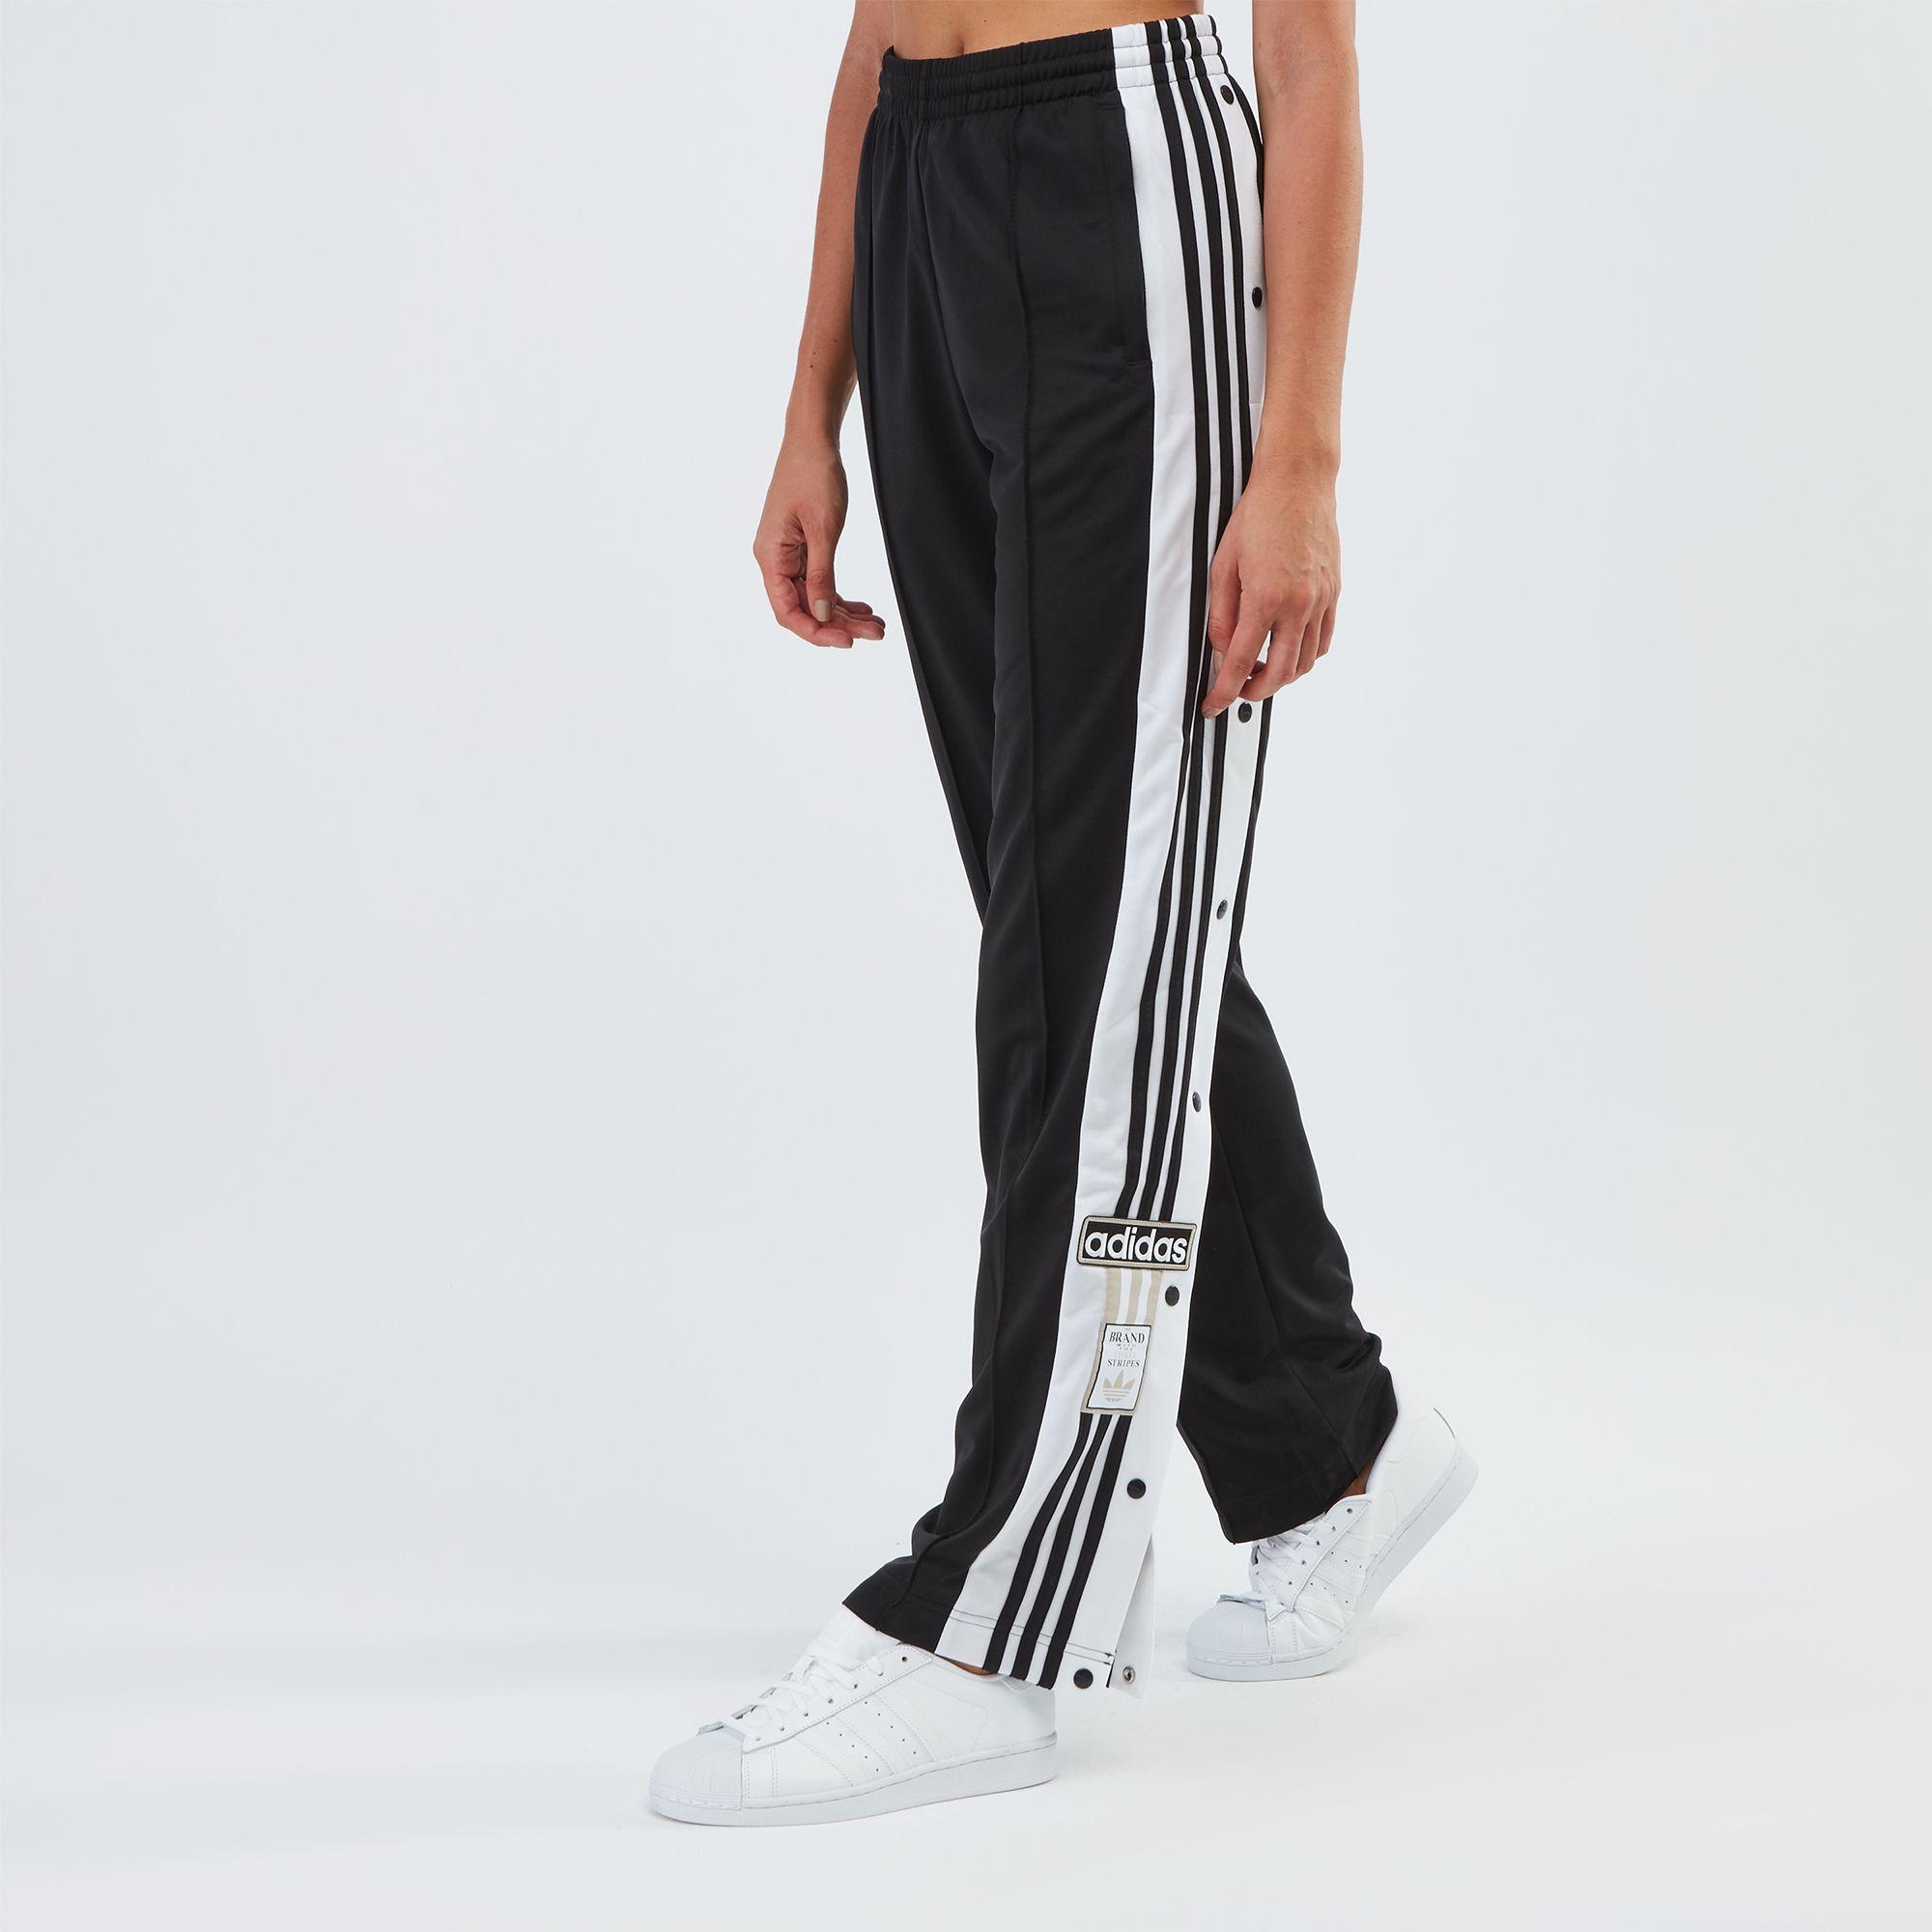 Adidas originali adibreak pantaloncini addosso i pantaloni della tuta